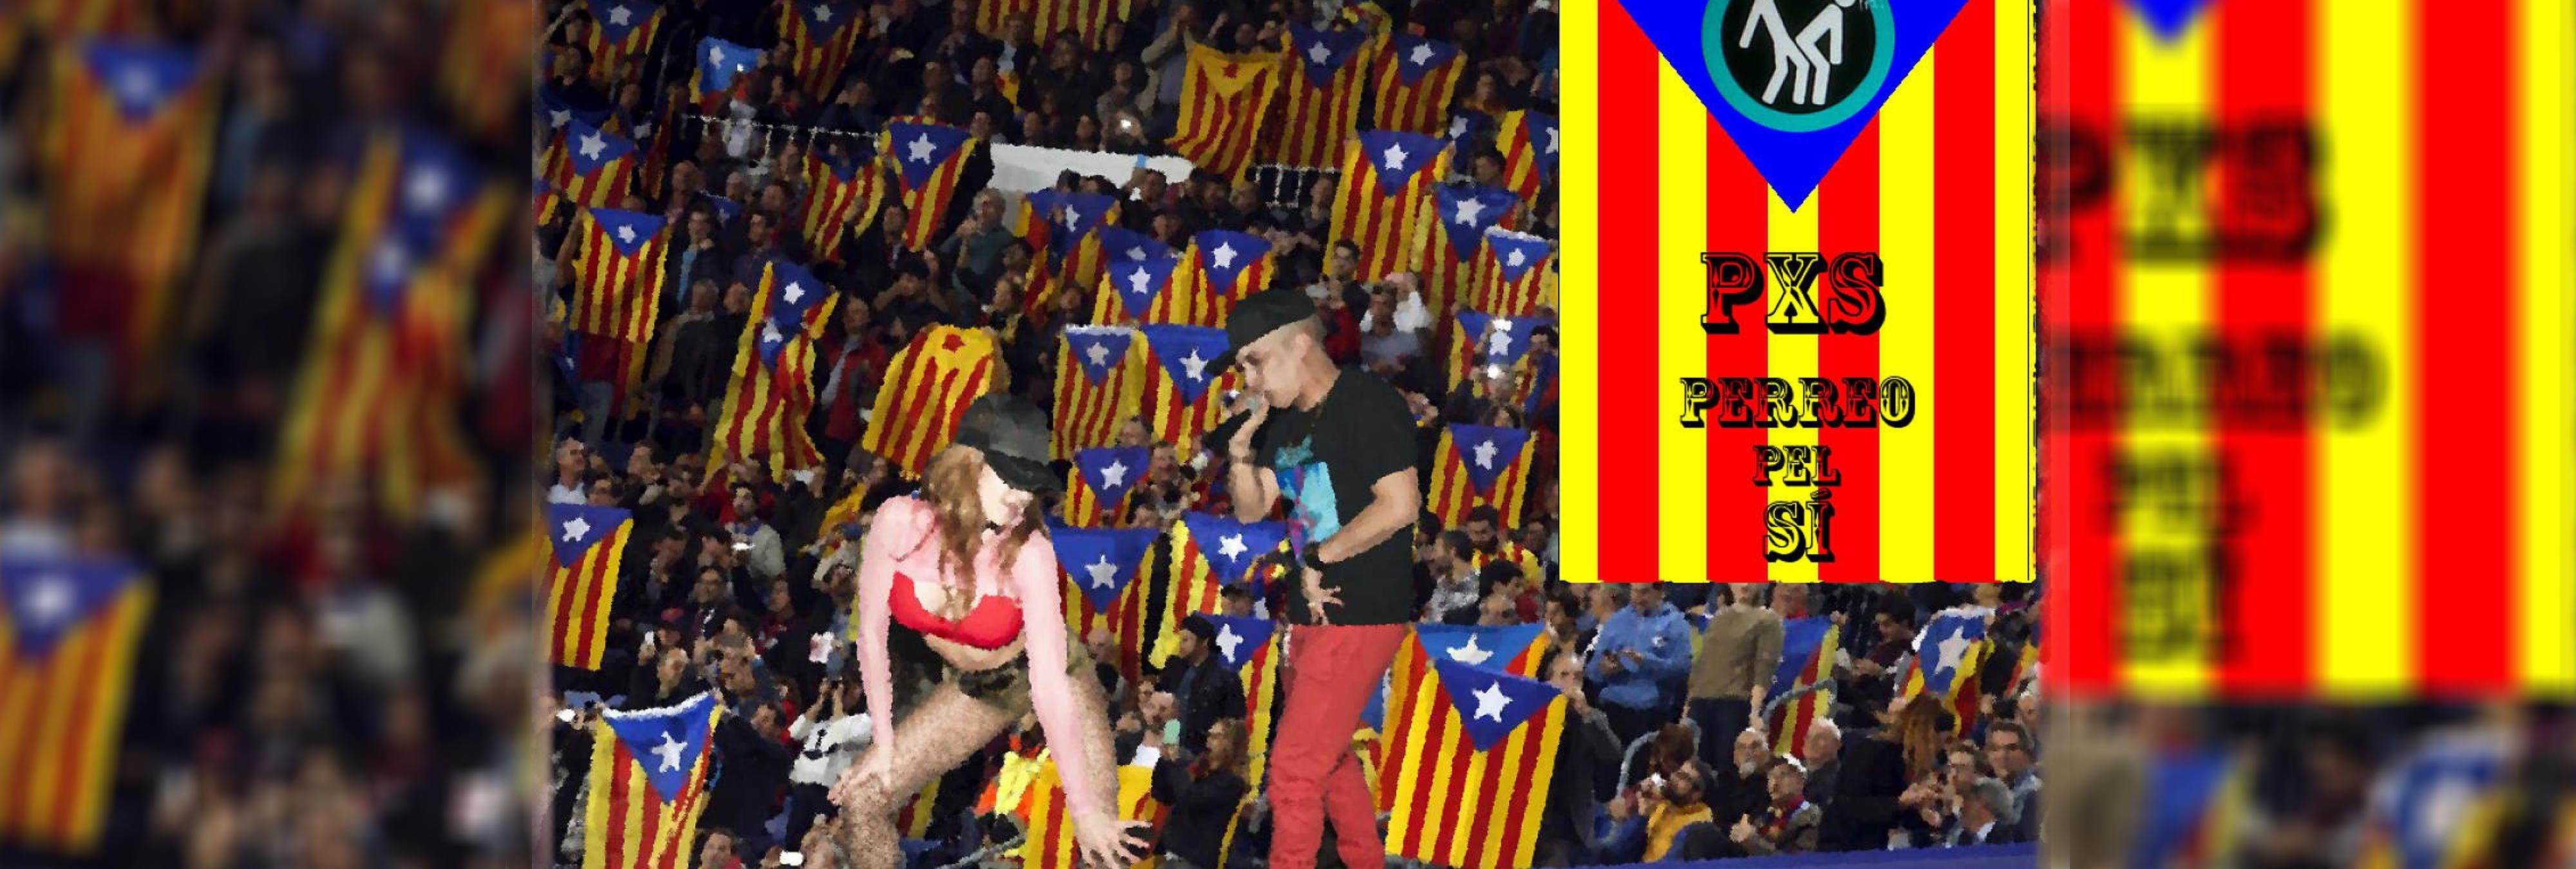 Ciudadanos se cree una broma sobre reggaeton independentista y lleva la cuestión al Parlament